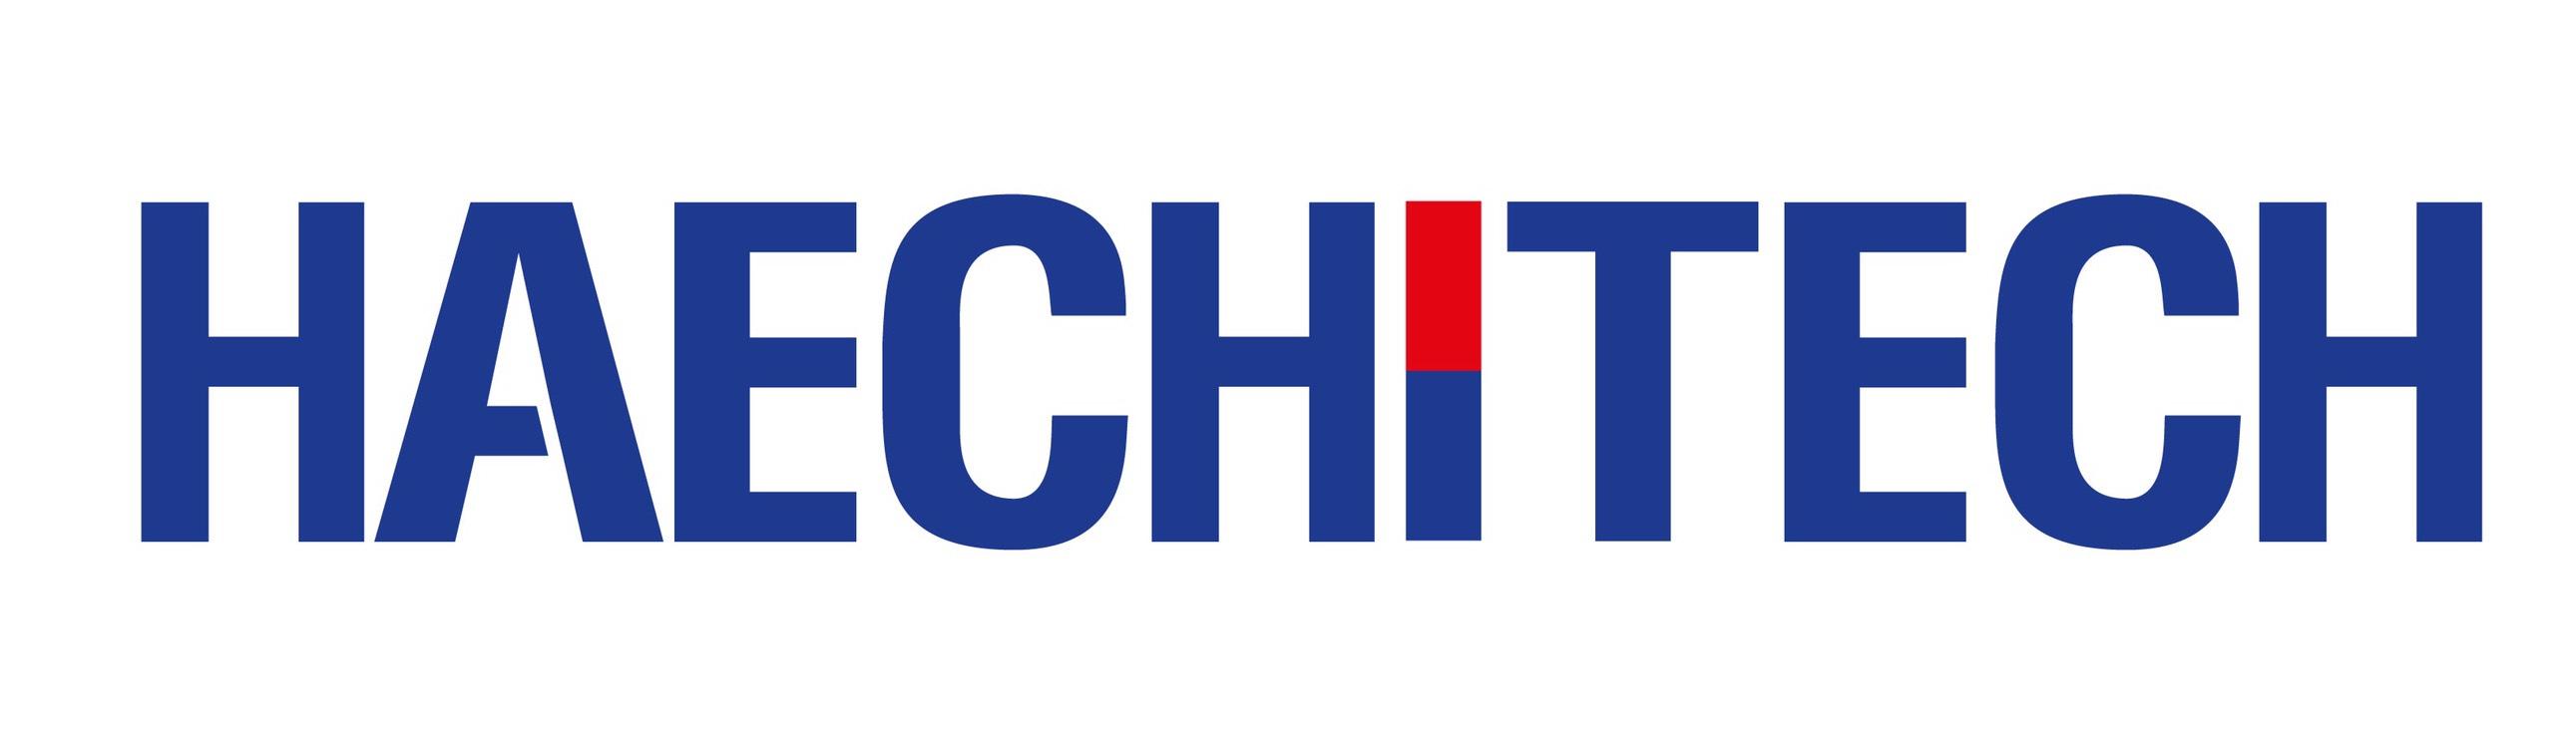 Haechitech